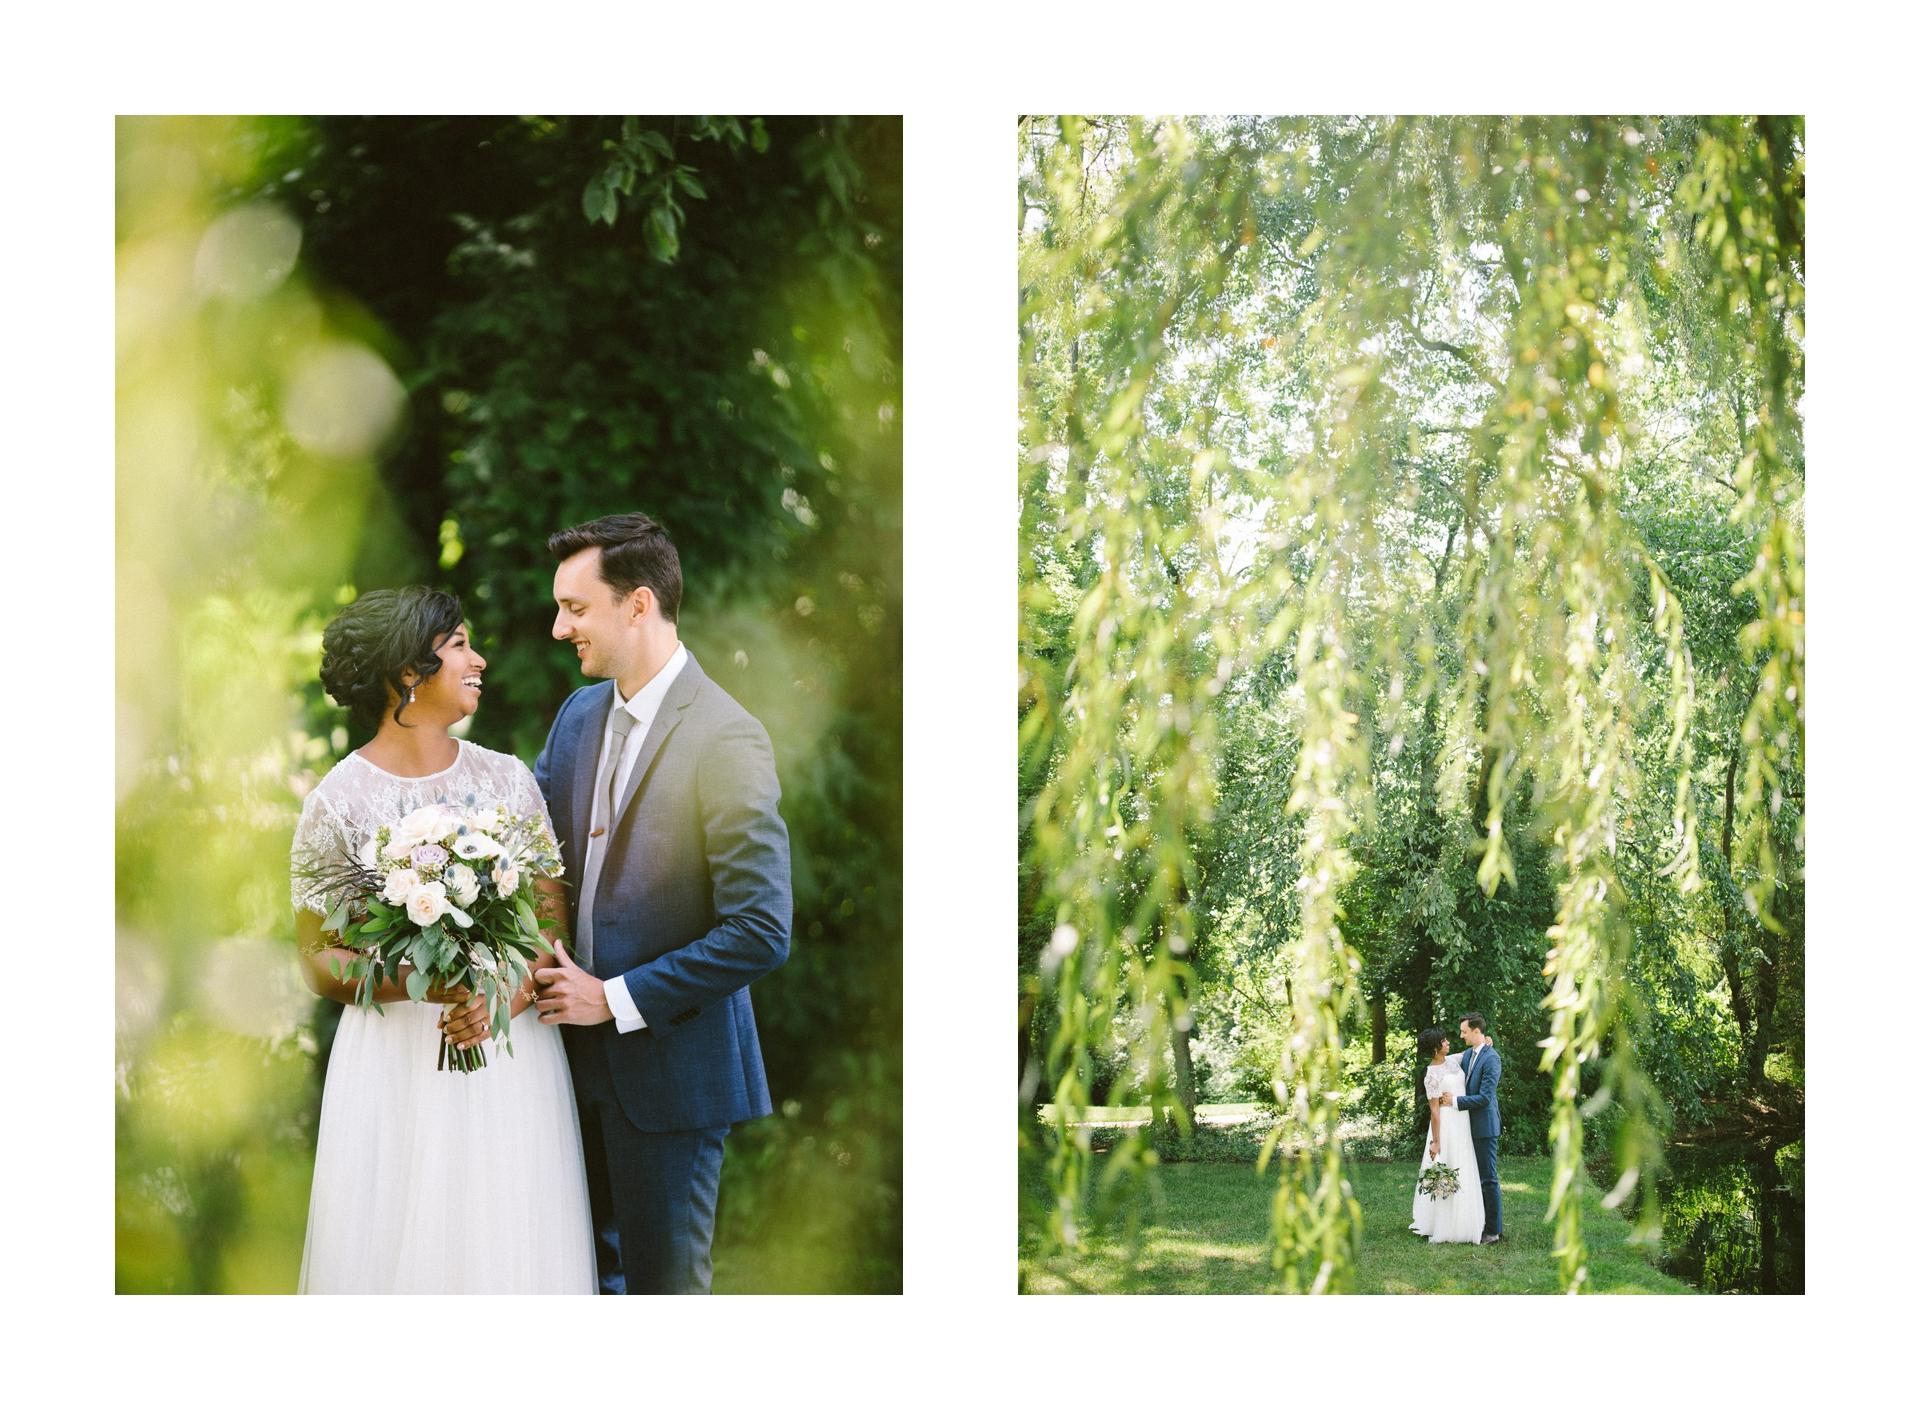 Gervasi Wedding Photographer in Canton Ohio 29.jpg